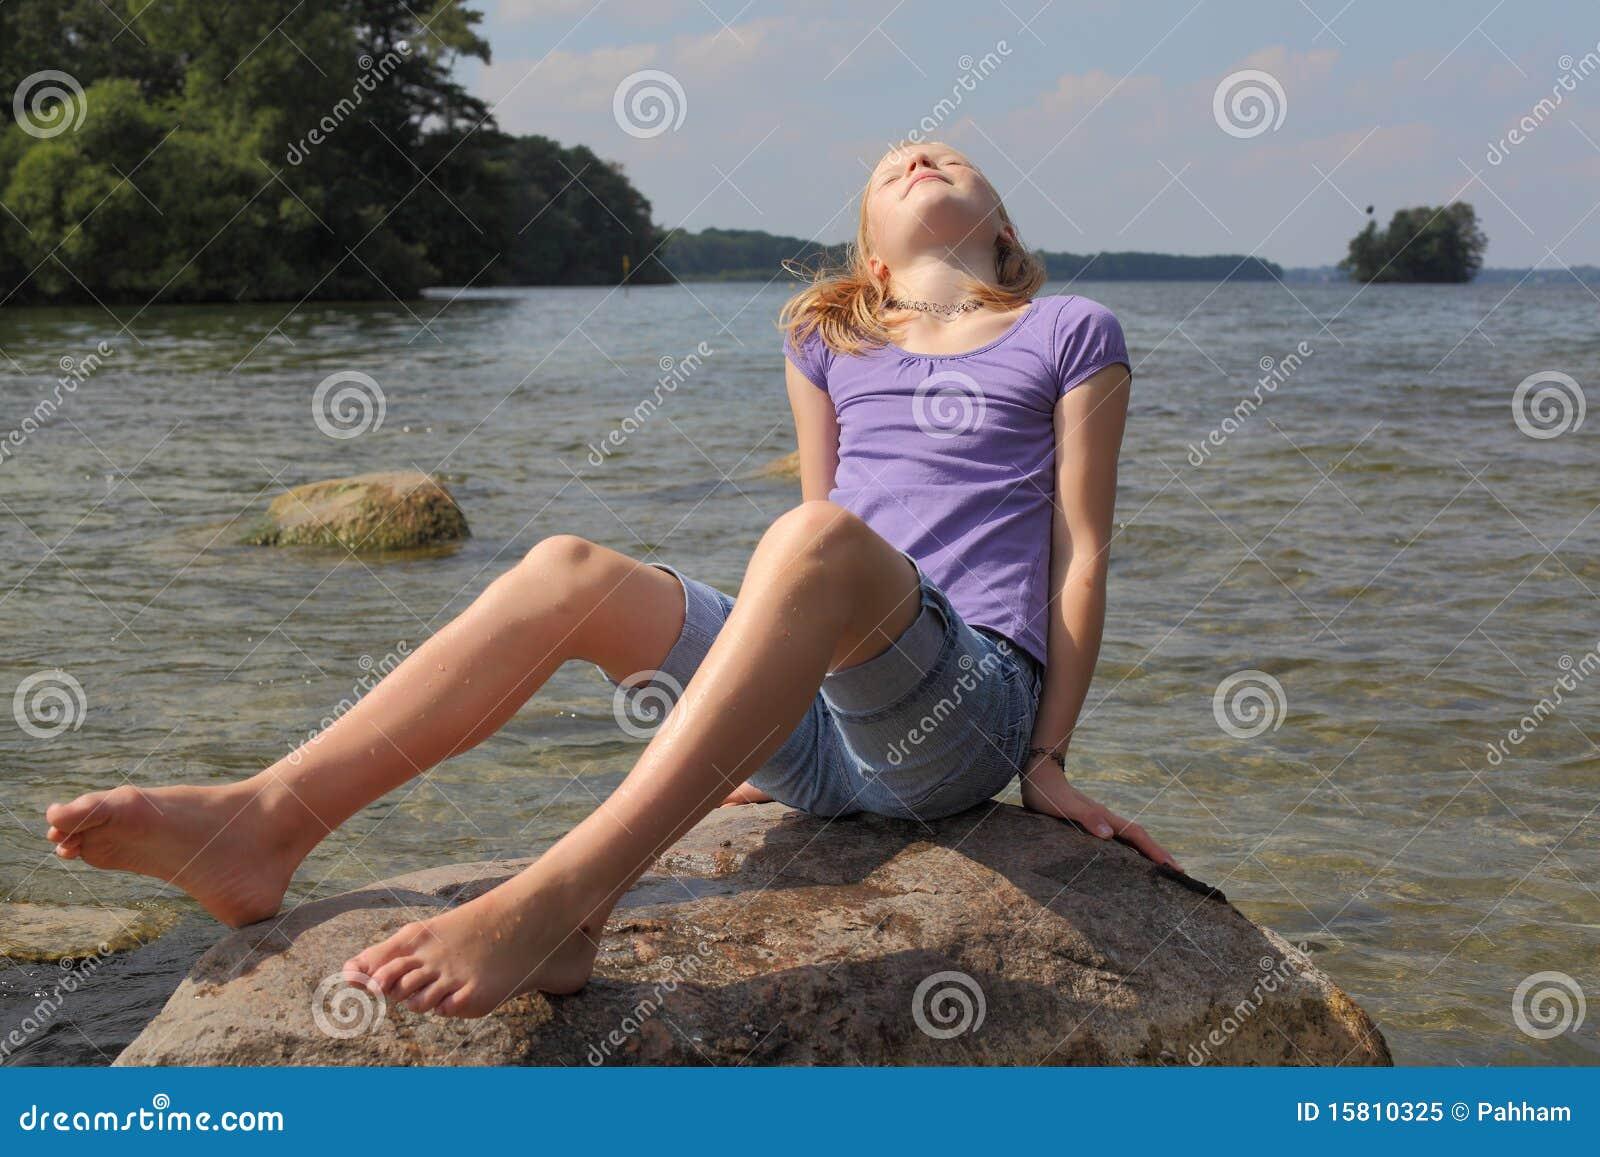 Sun bathing at the lake stock image. Image of enjoyment - 15810325 f0e1edccc92